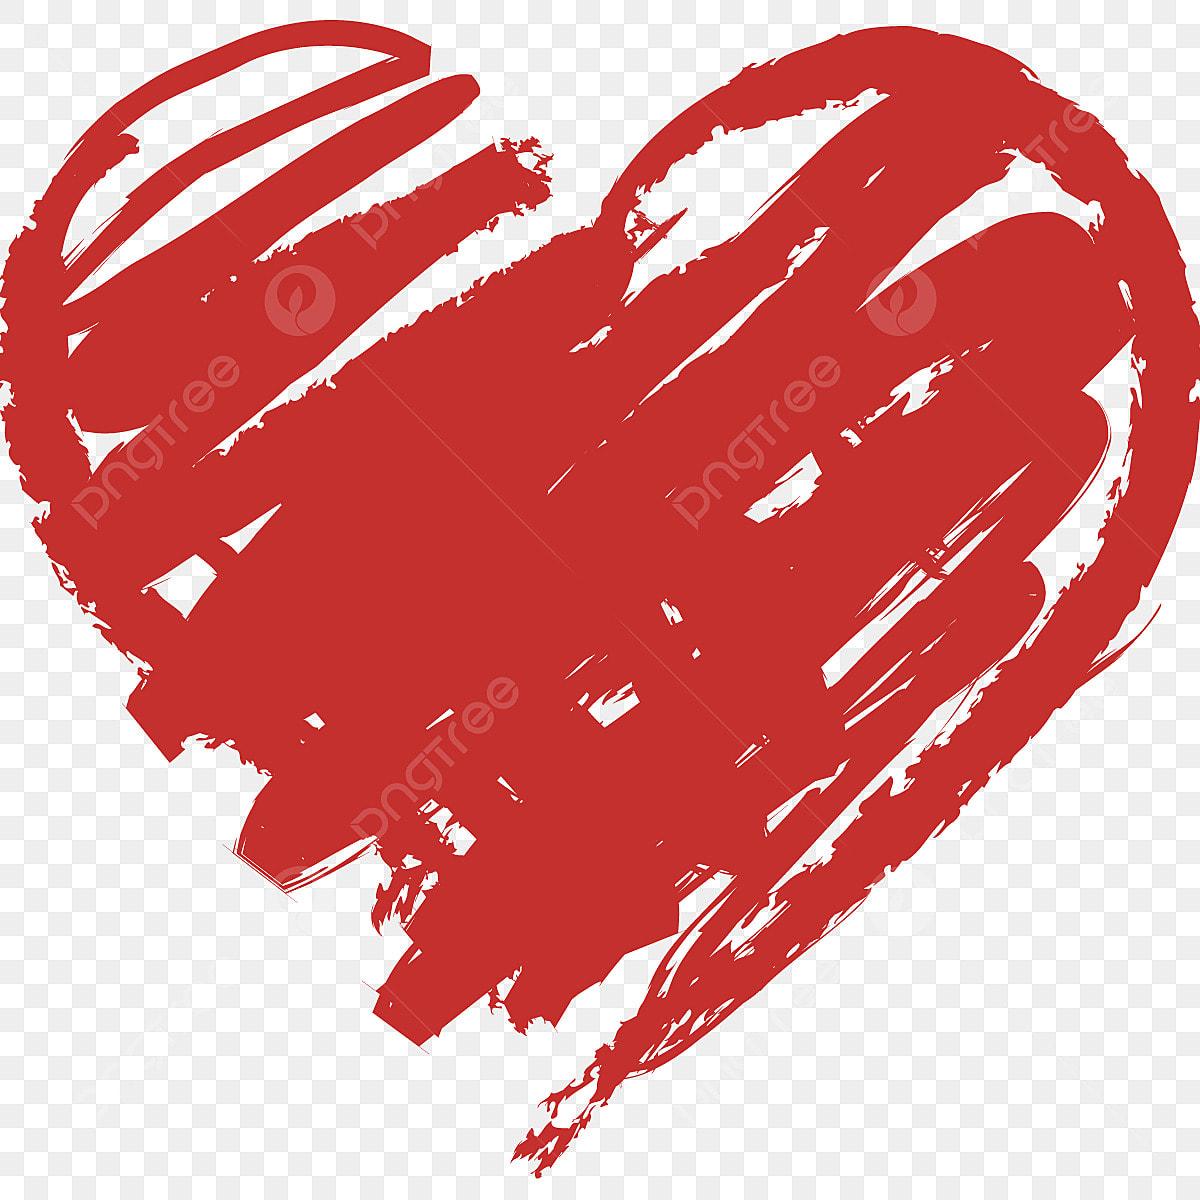 رسمة القلب قلب مرسوم عليها علامة قلب العشاق قلب المراهق Png والمتجهات للتحميل مجانا